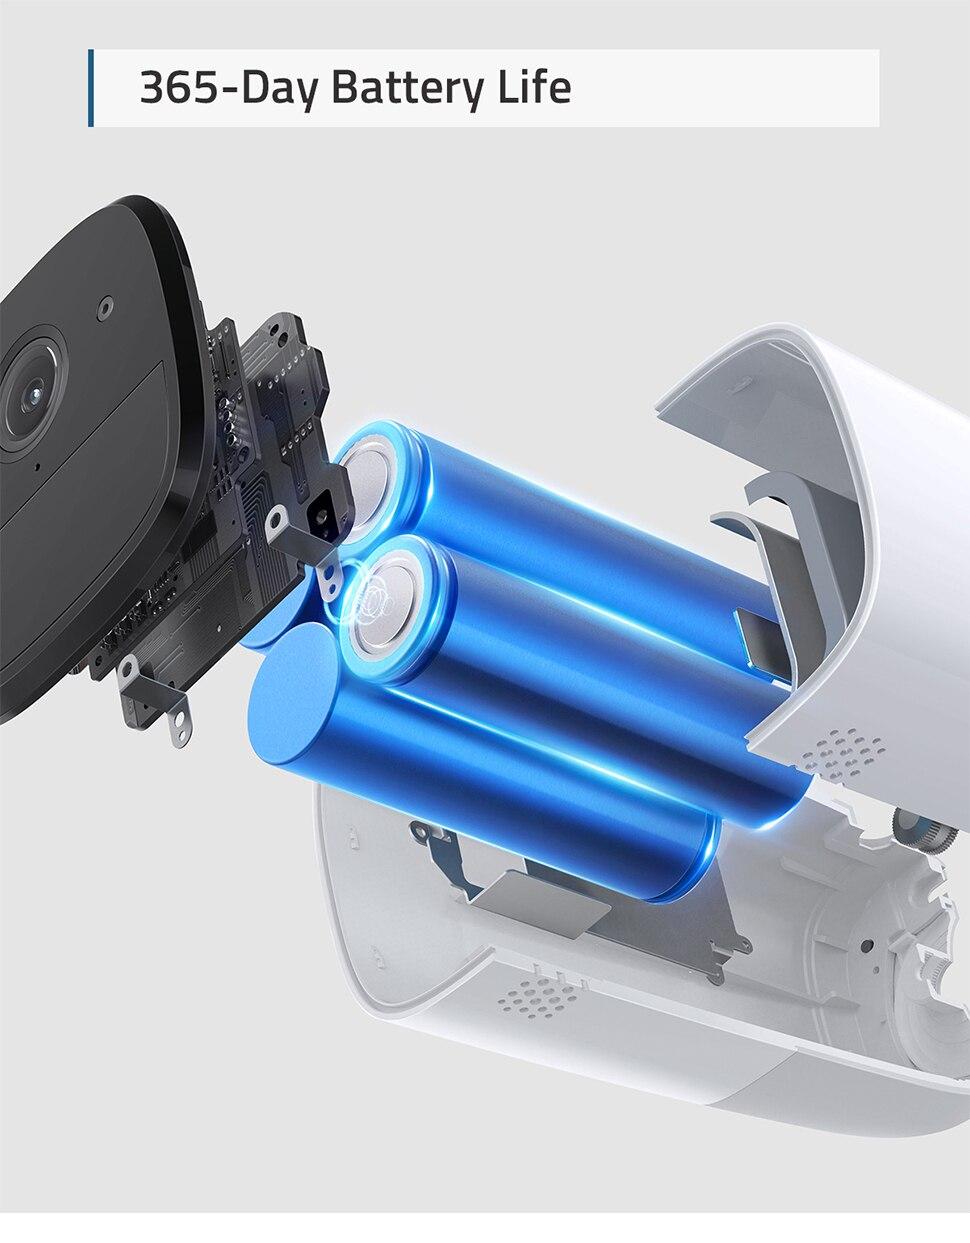 Eufy segurança, eufycam 2 pro câmera de